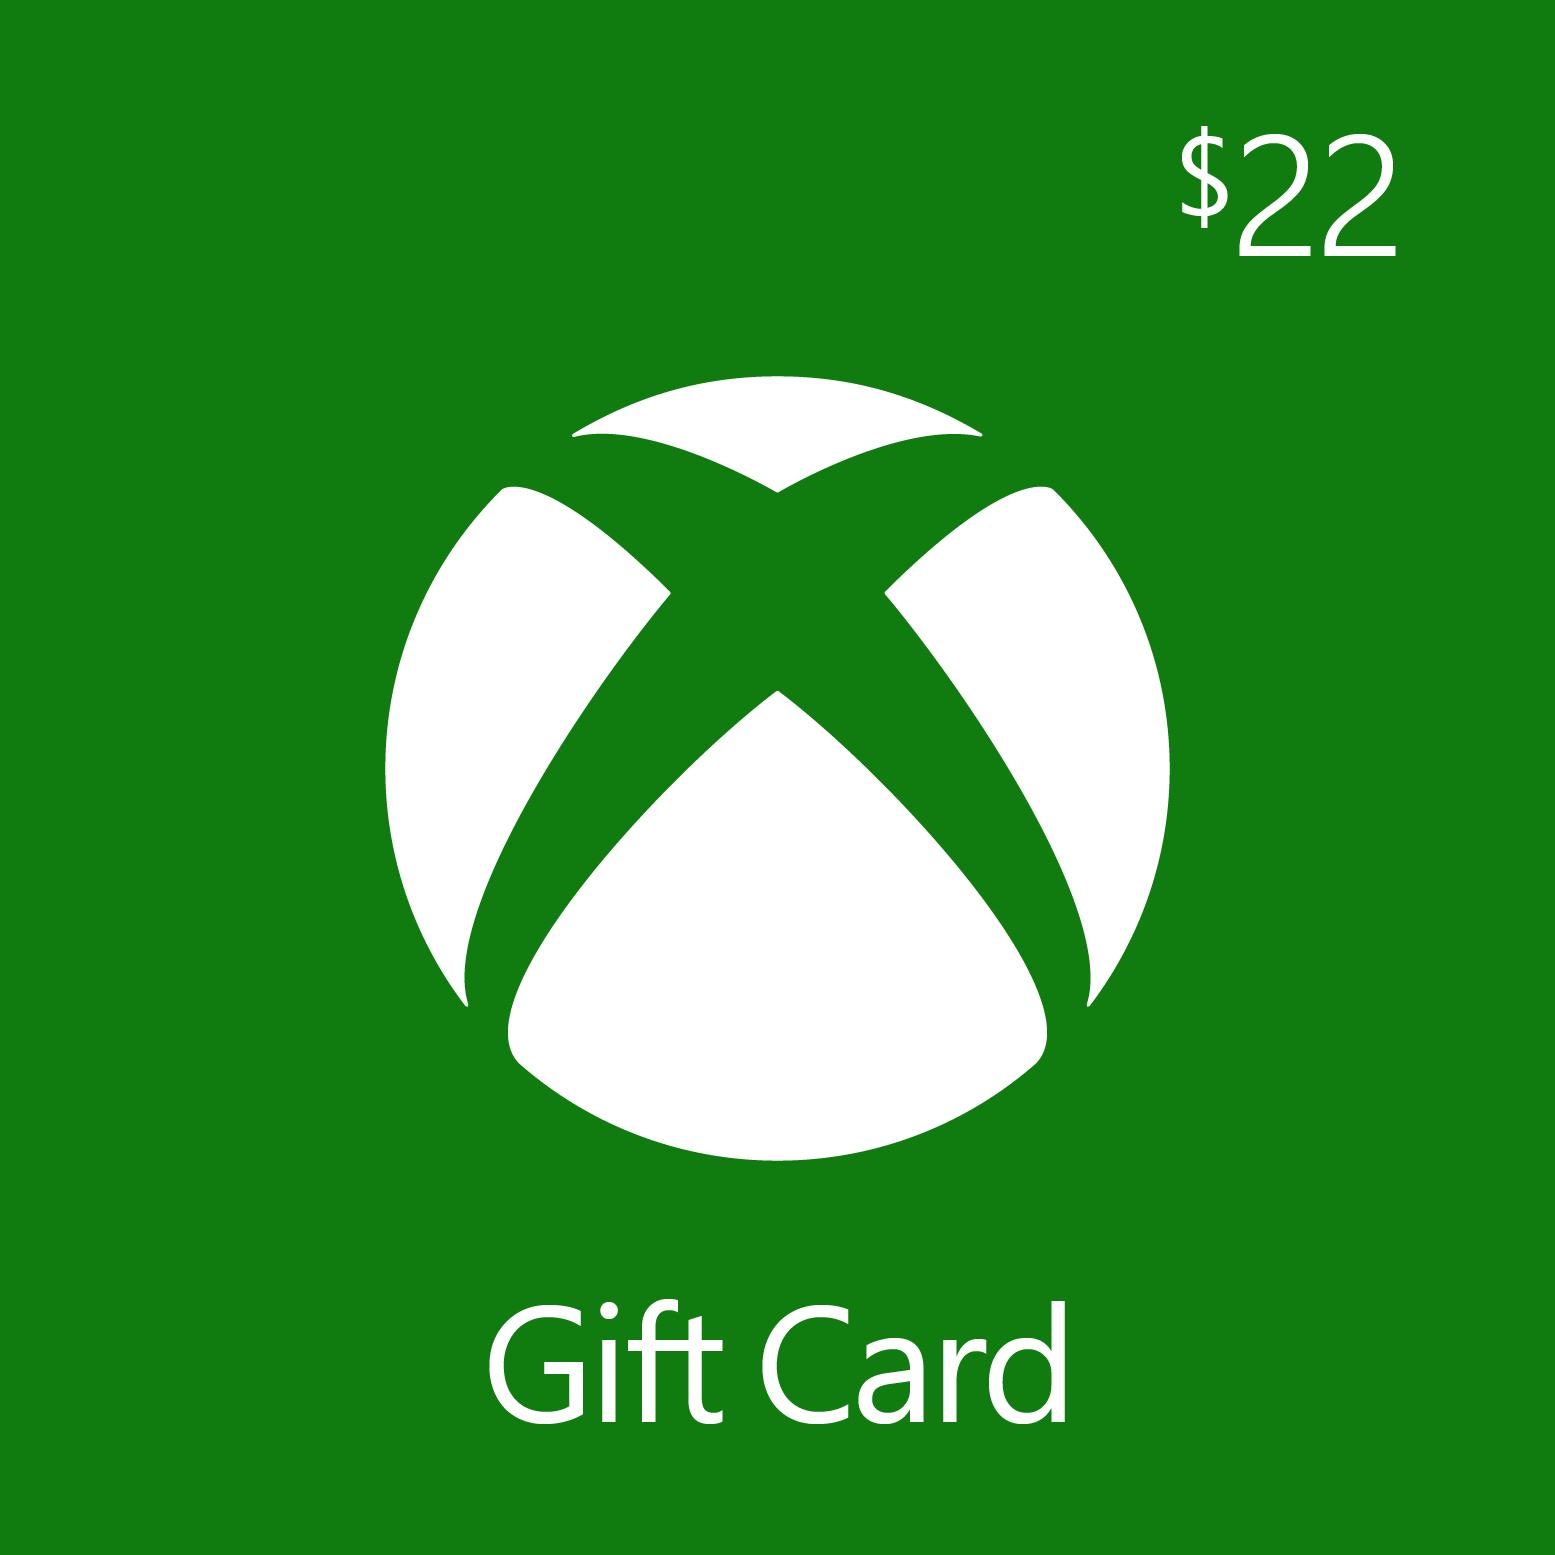 $22.00 Xbox Digital Gift Card